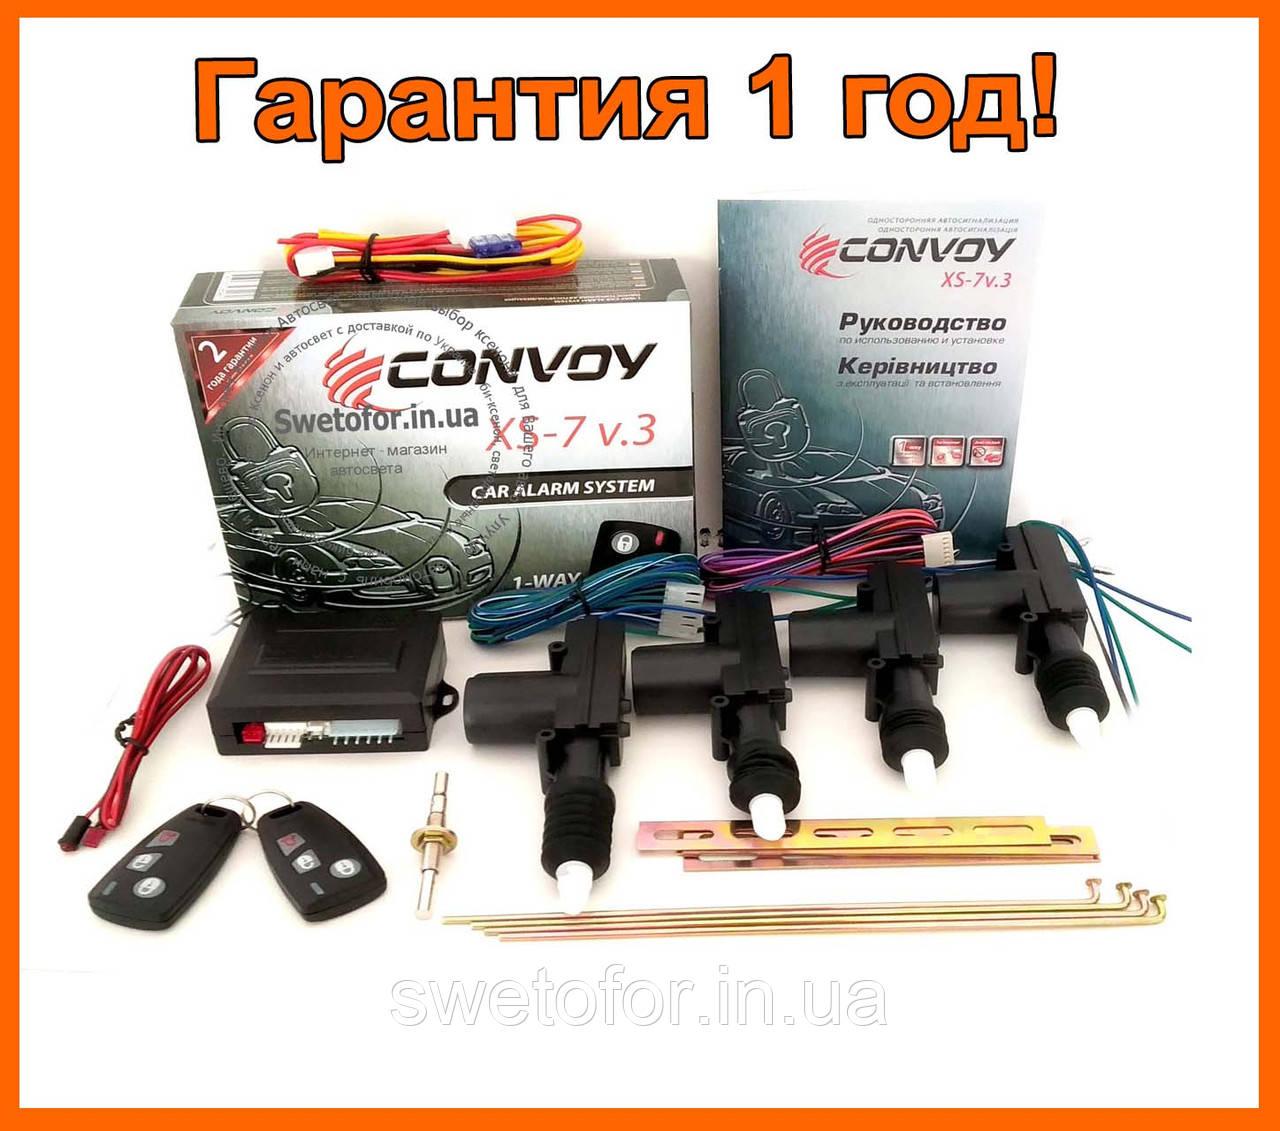 Комплект авто-сигналізація CONVOY XS-7 v.3 і центральний замок на чотири двері.